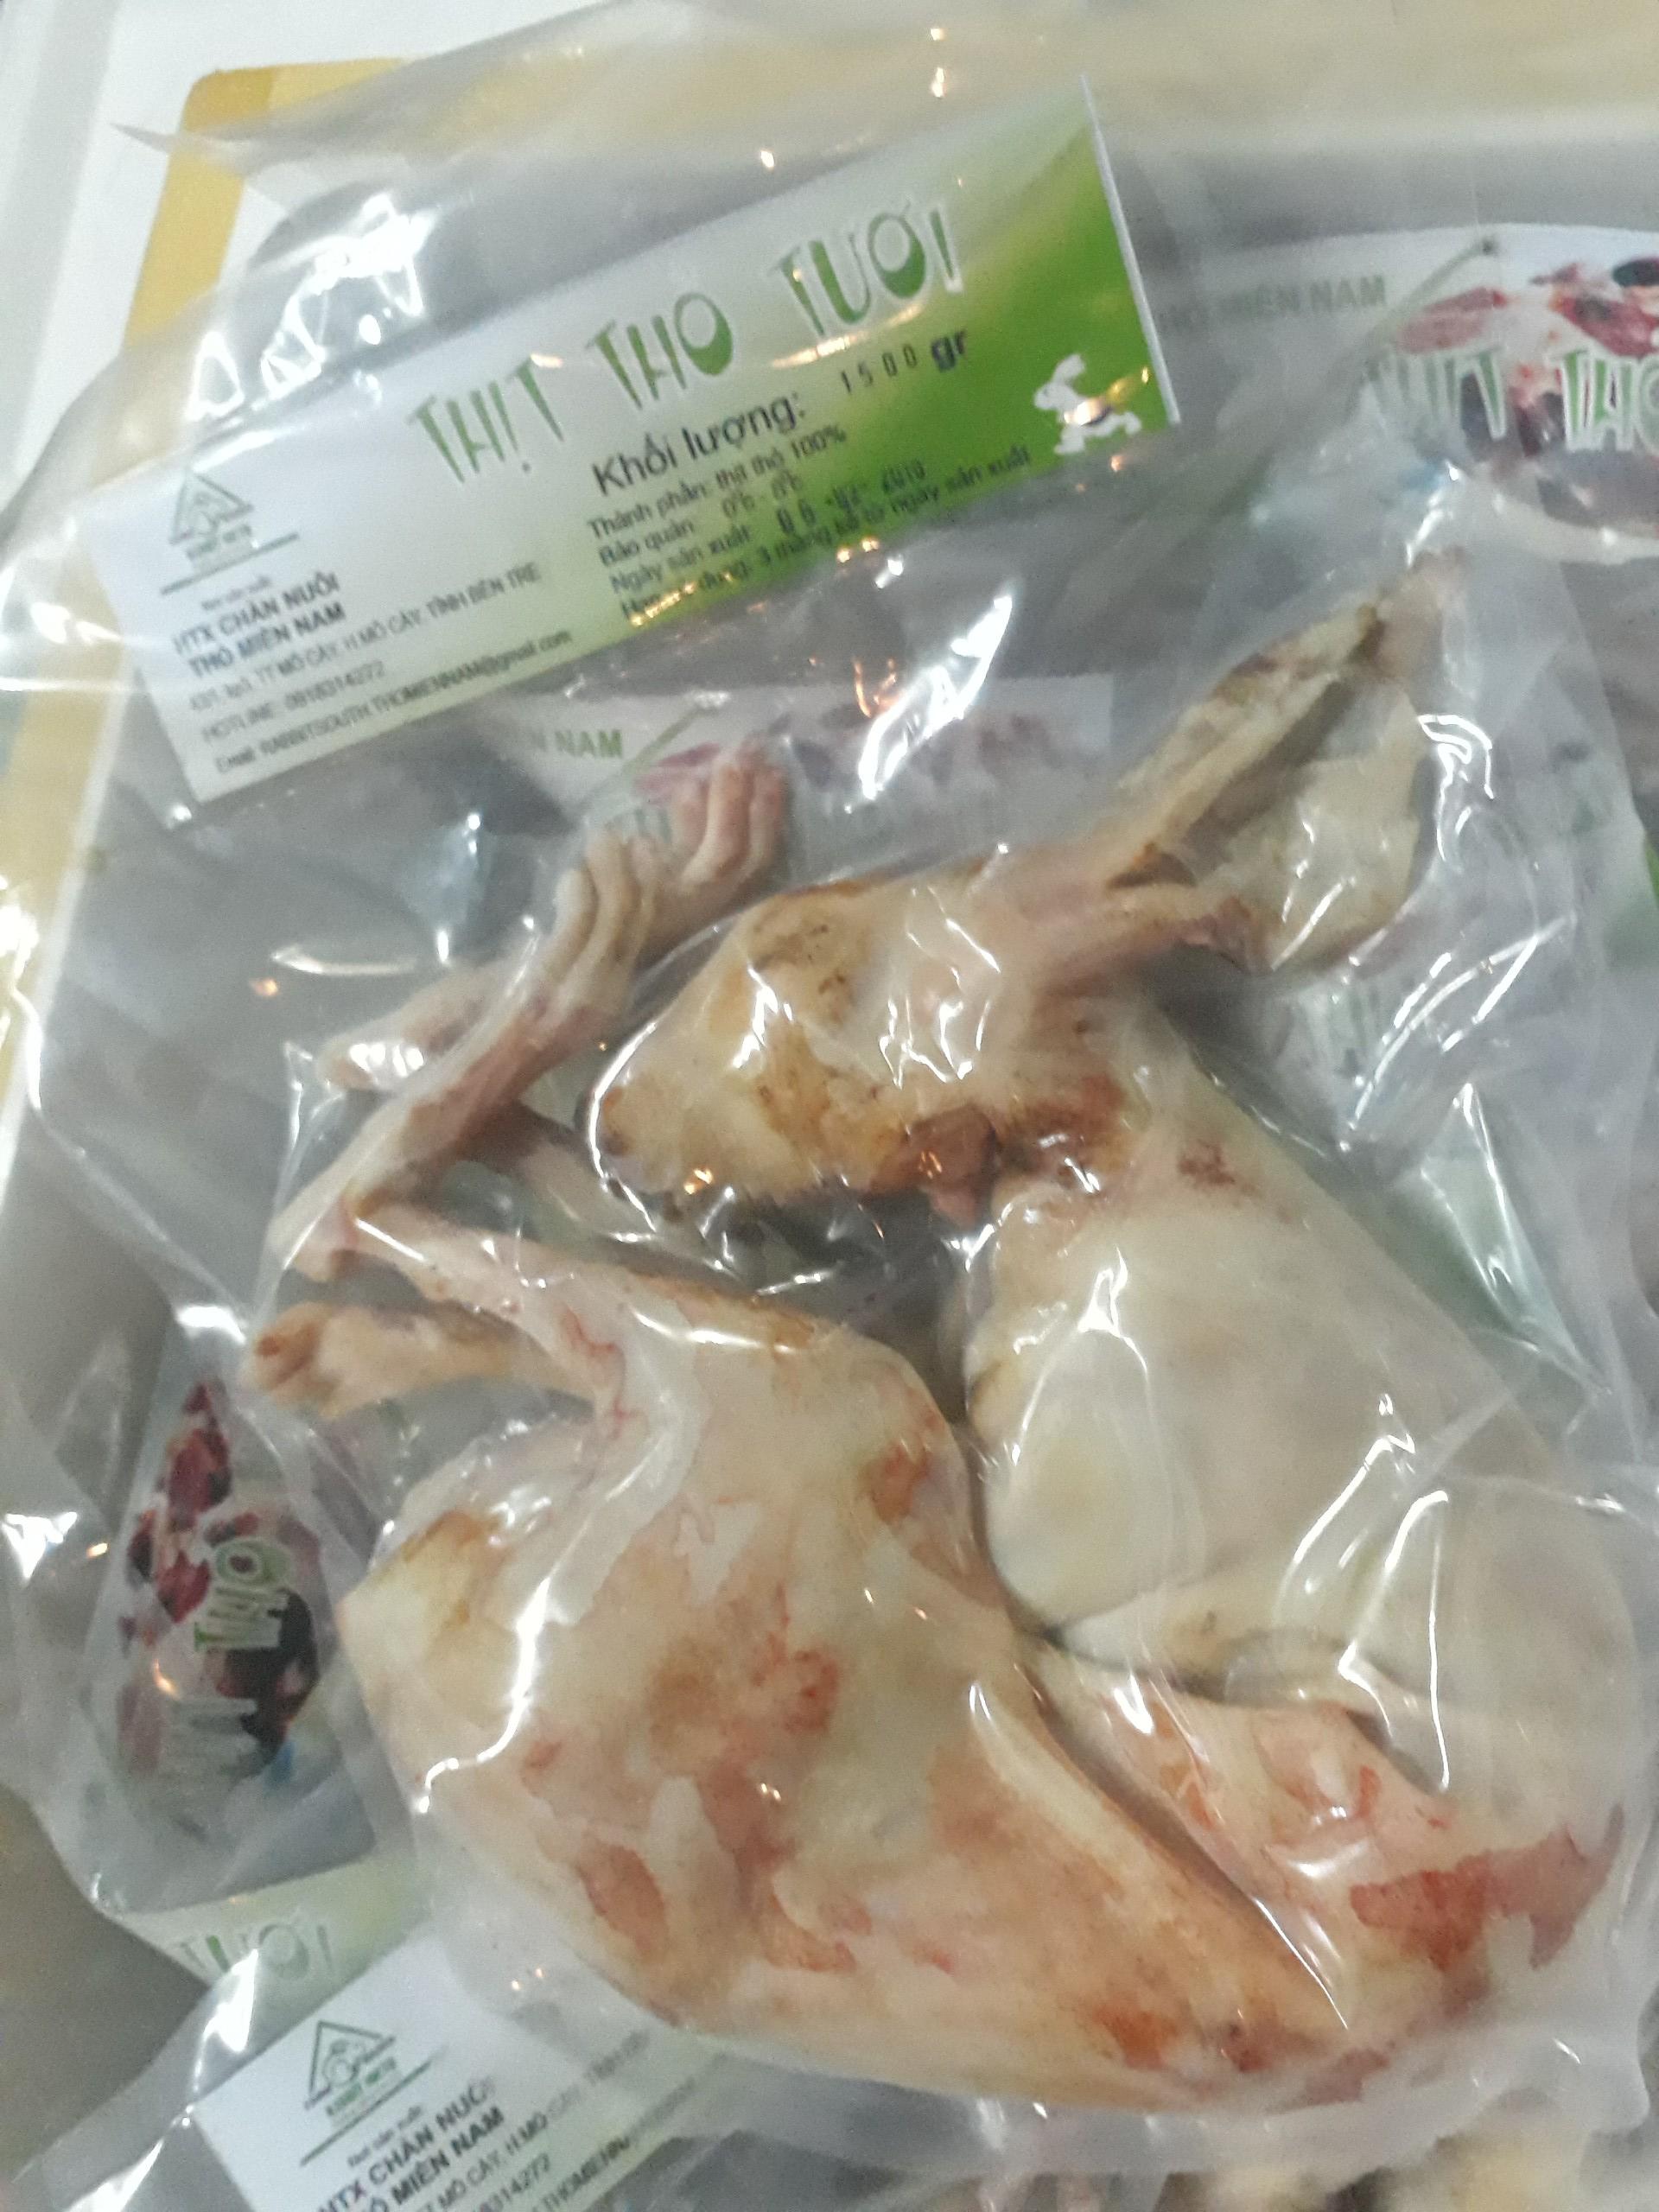 Thịt thỏ tươi bán ở đâu tại sài gòn